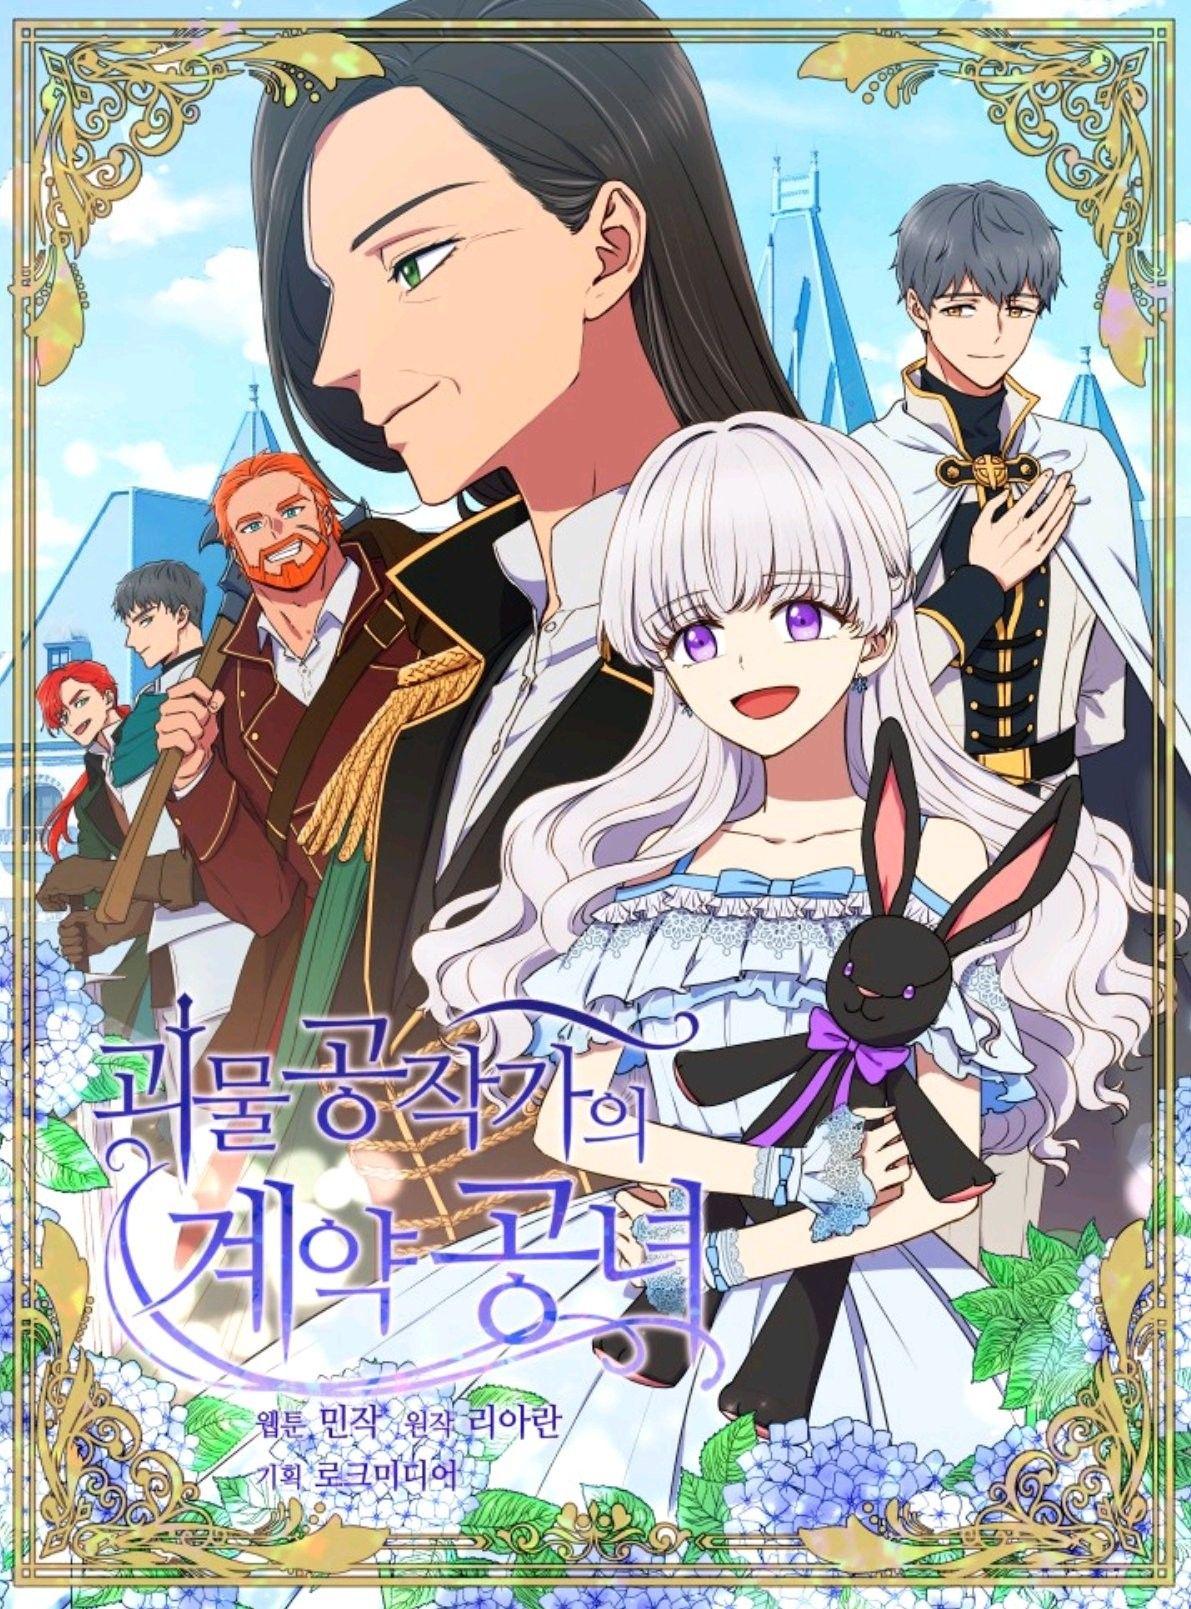 Pin on Anime/Manga/Manhwa Images